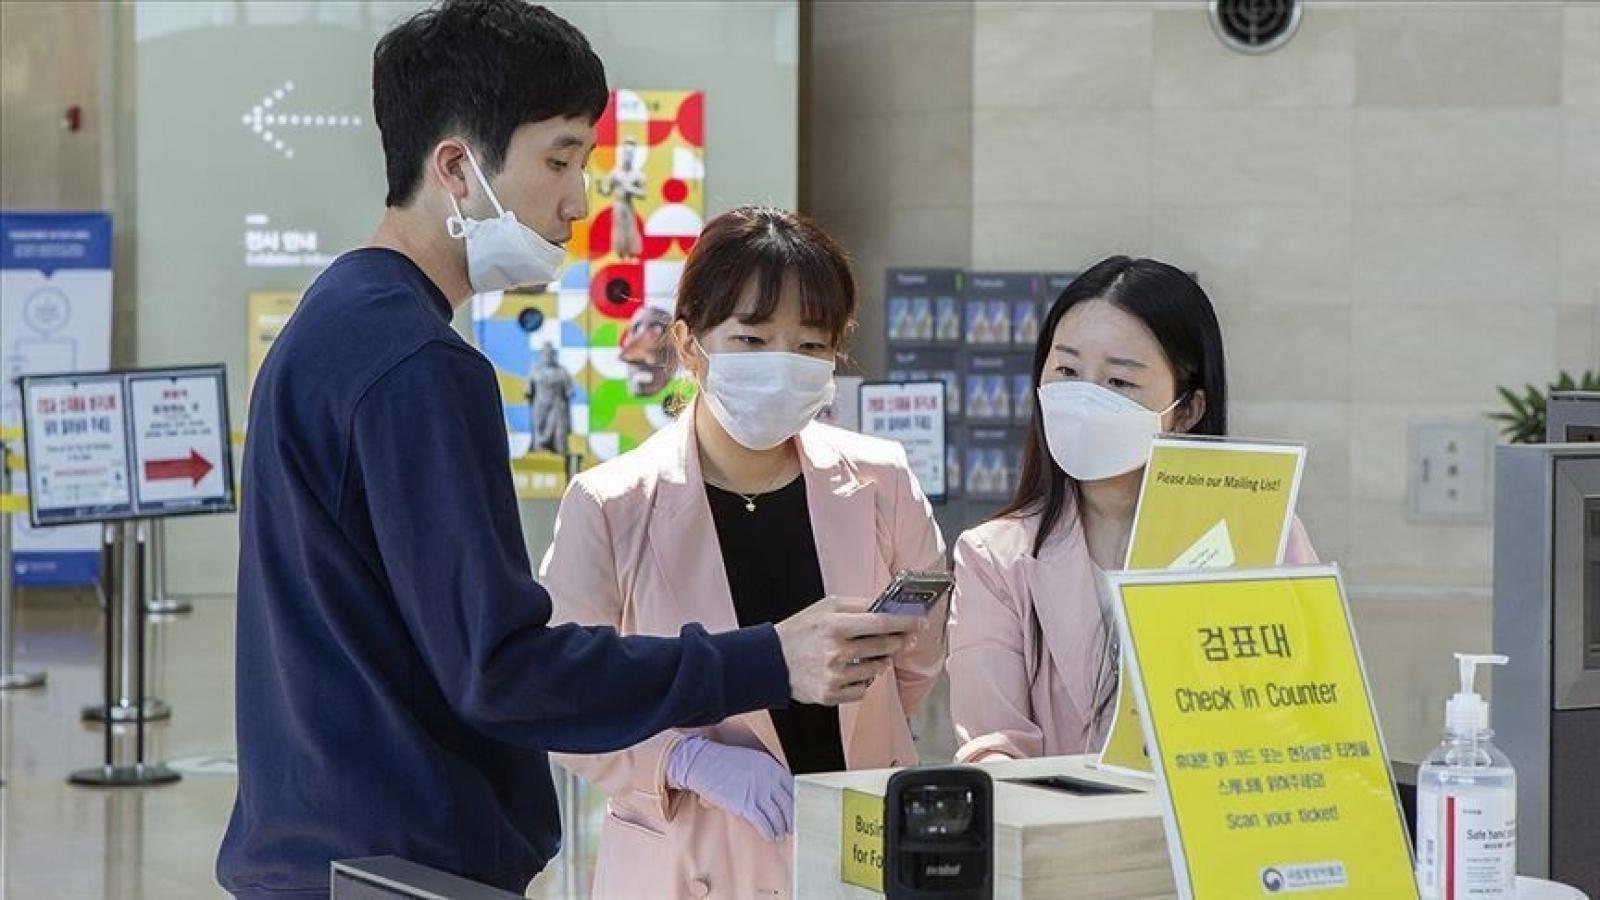 Chỉ có 1 trên 1.440 người Hàn Quốc có kháng thể Covid-19